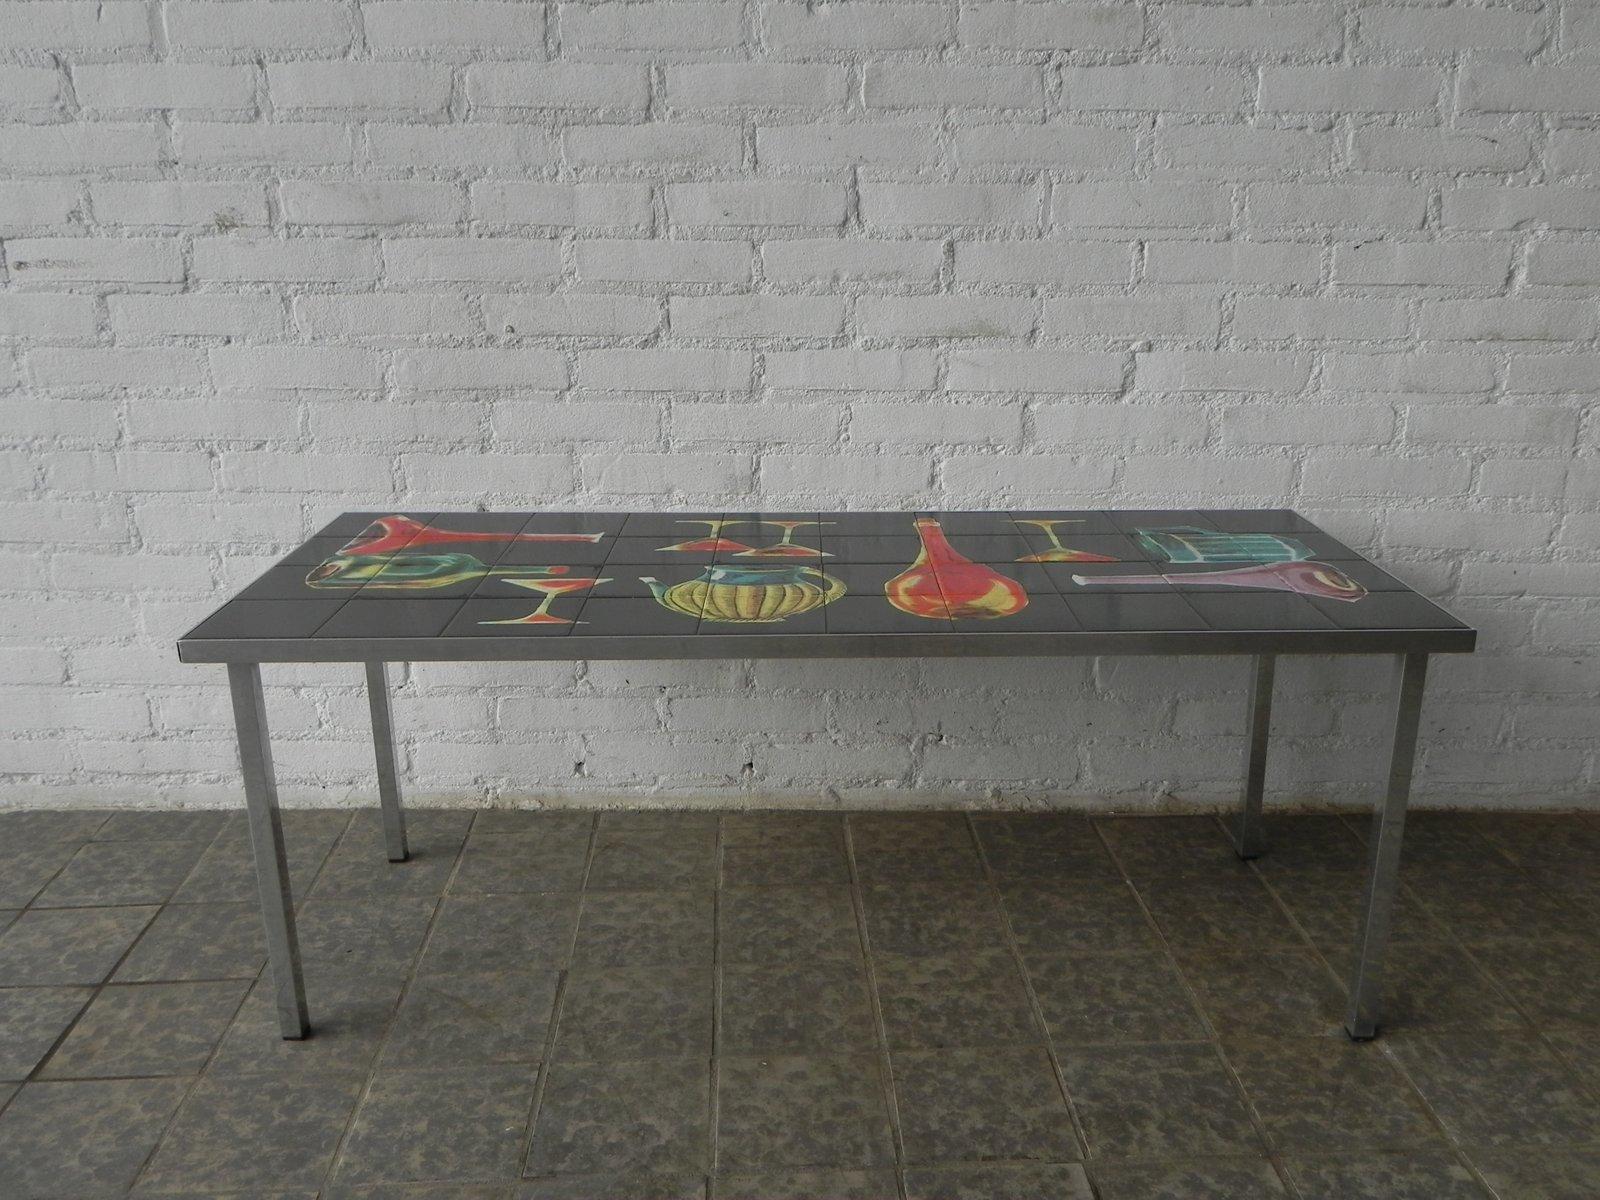 Tavolo vintage con mattonelle decorative in vendita su pamono